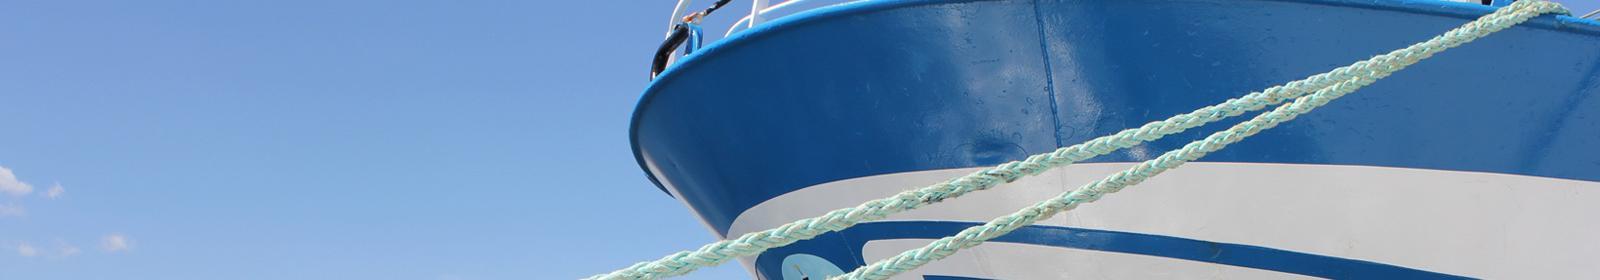 Puertos marineros